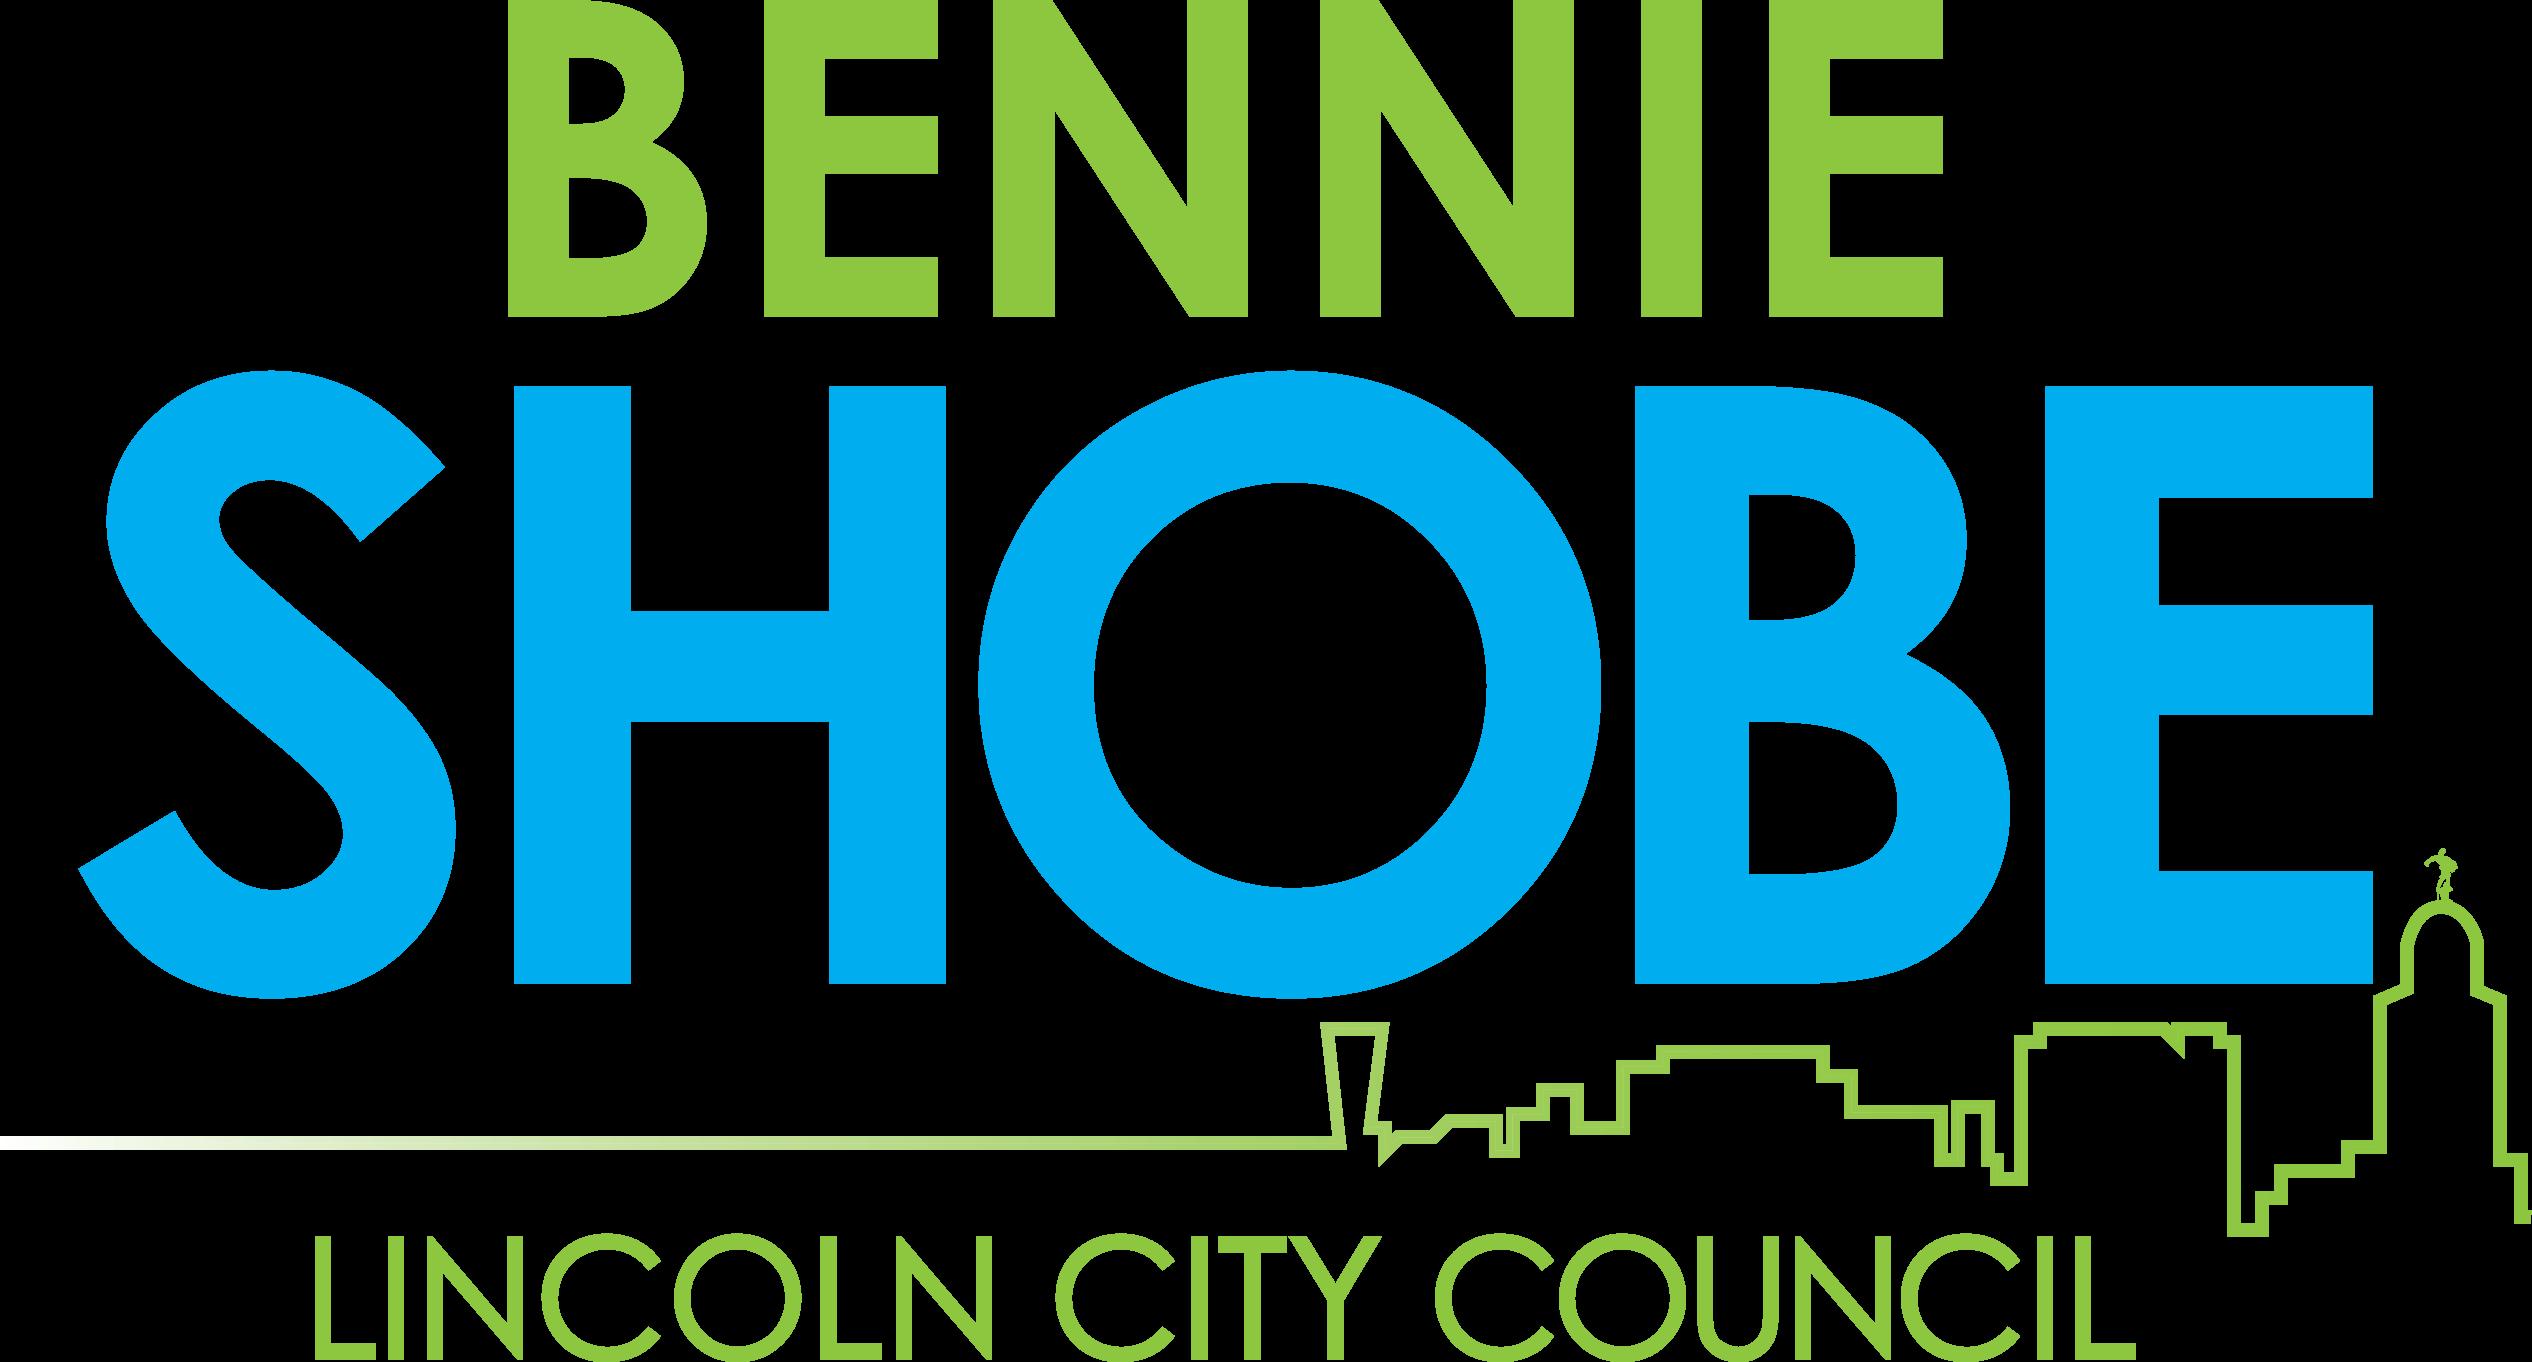 Bennie Shobe